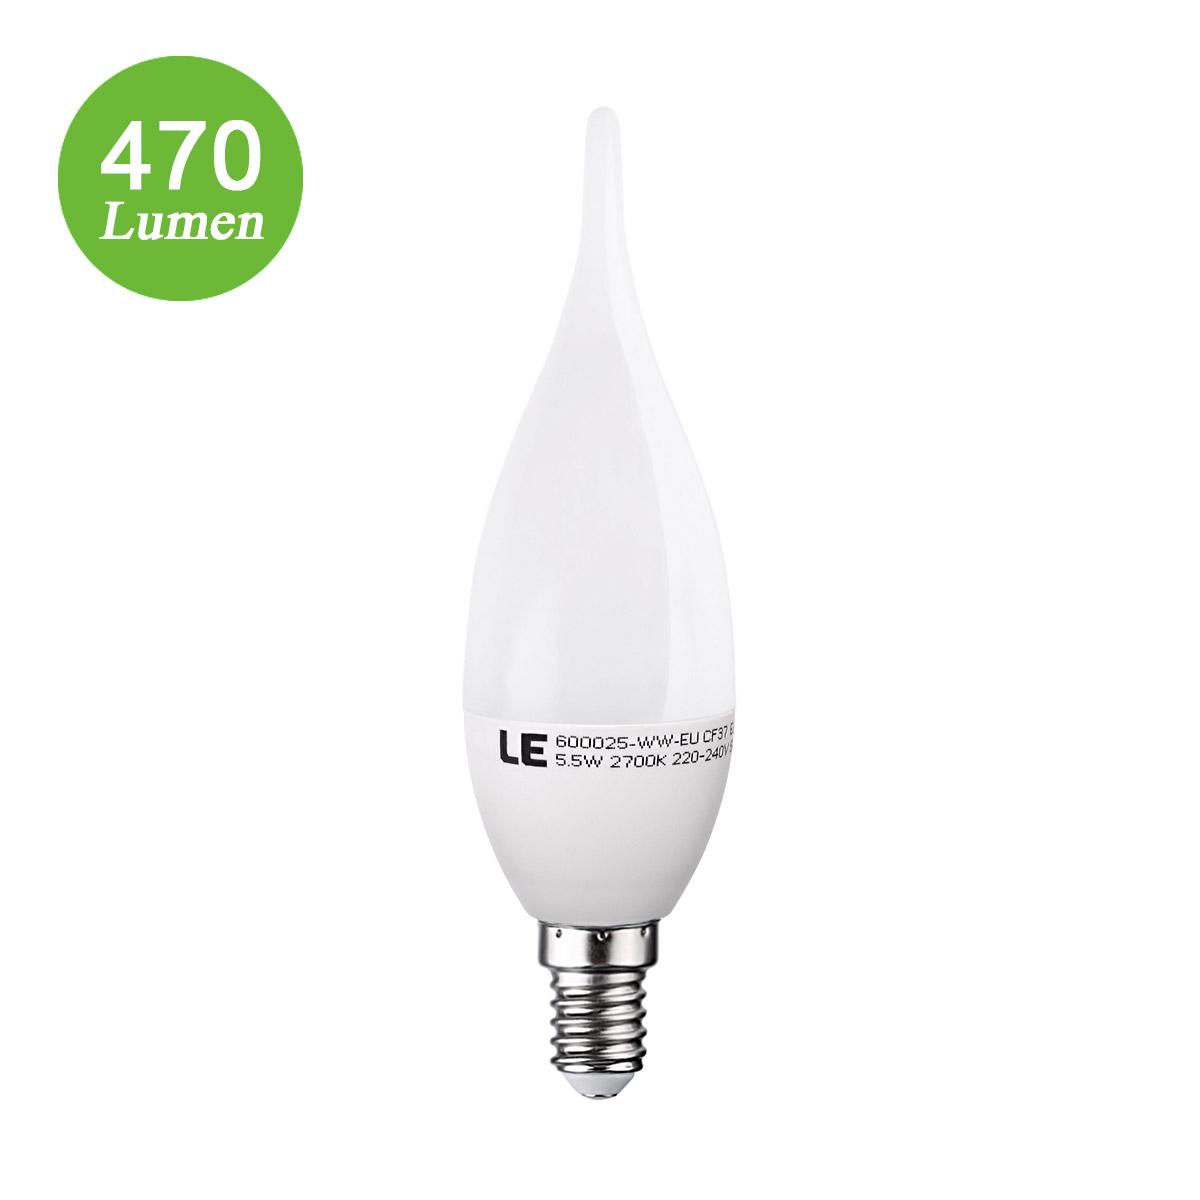 5,5W E14 LED Kerze Windstoß, C37 470lm SES Lampen, ersetzt 40W Glühlampe, Warmweiß